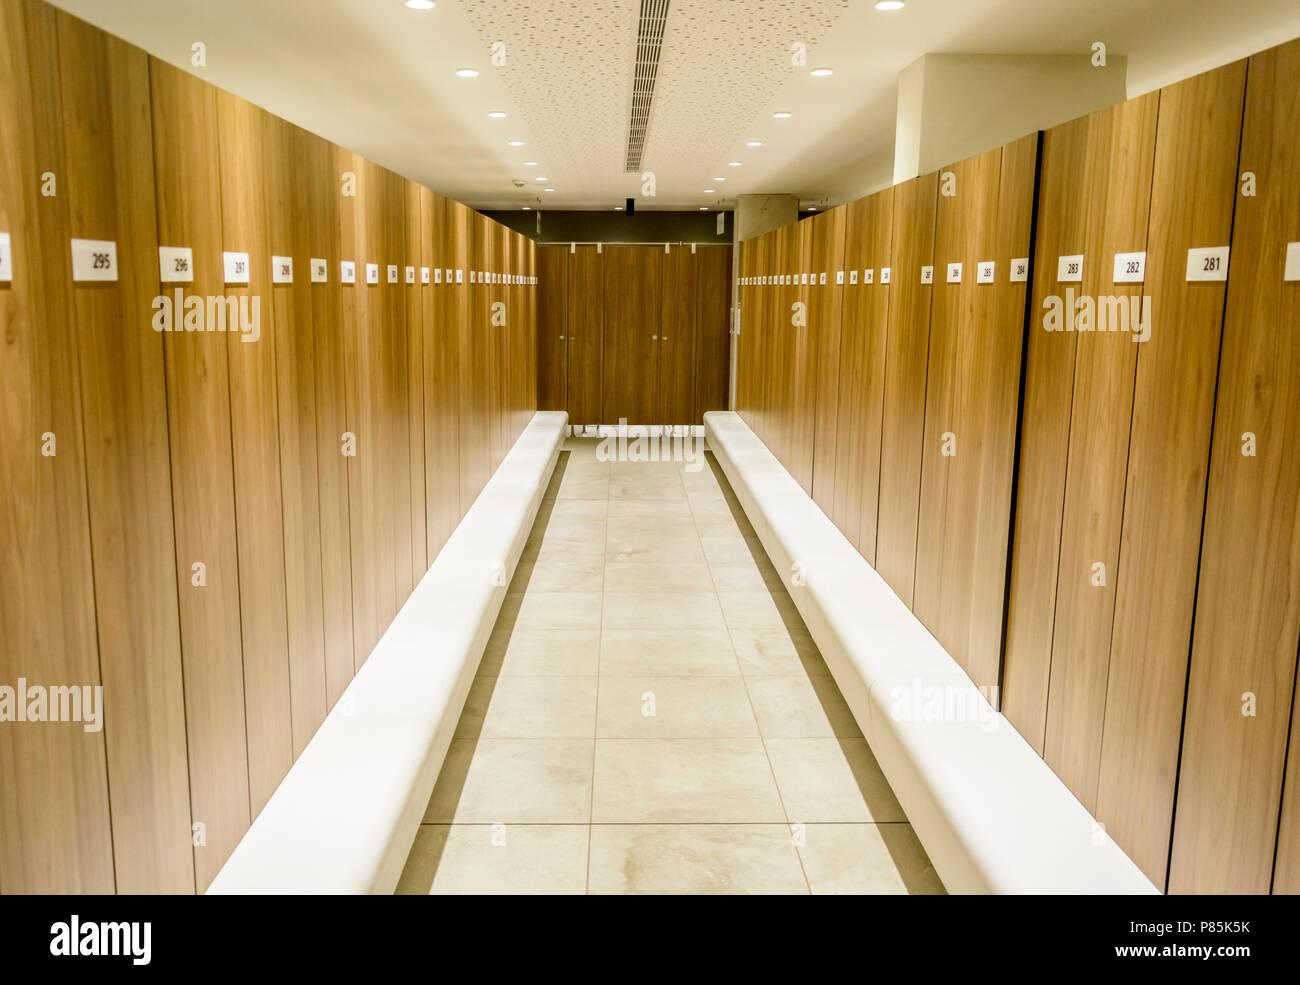 Schön Moderne Beleuchtung Ideen Von Spinde In Einem Schwimmbad Mit Bank, Und